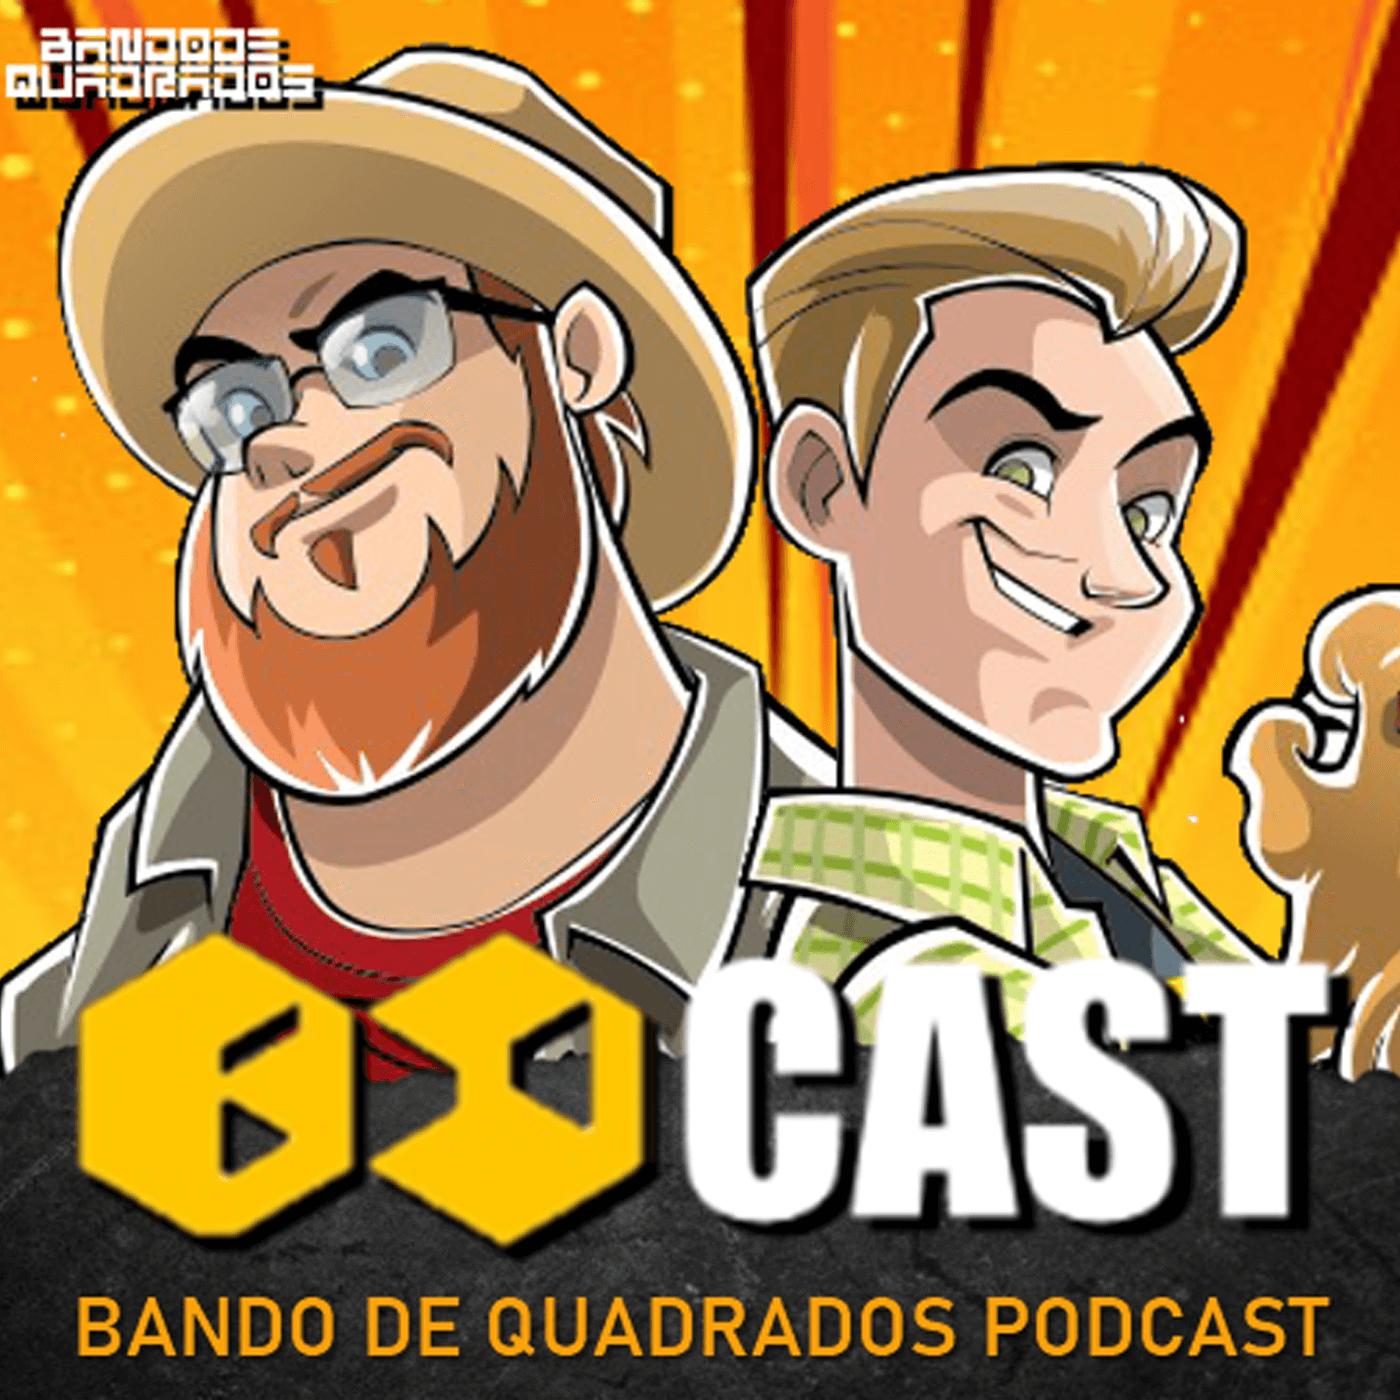 BdCast - Bando de Quadrados